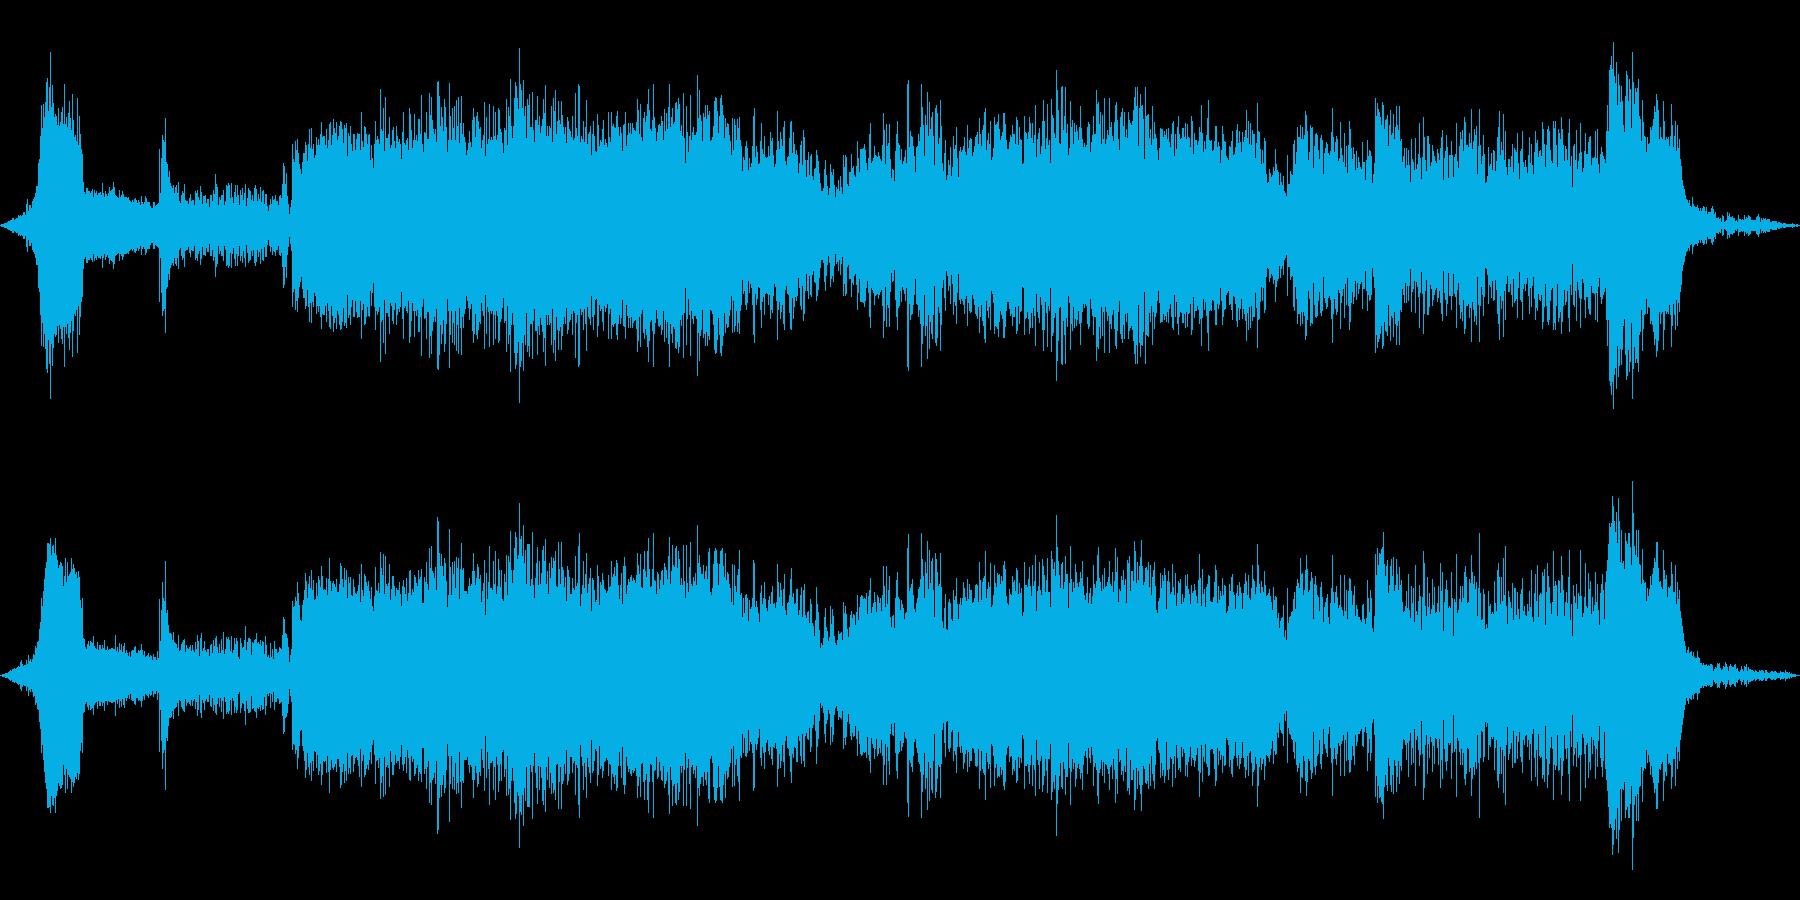 フリーズマシン:開始、実行、停止、...の再生済みの波形